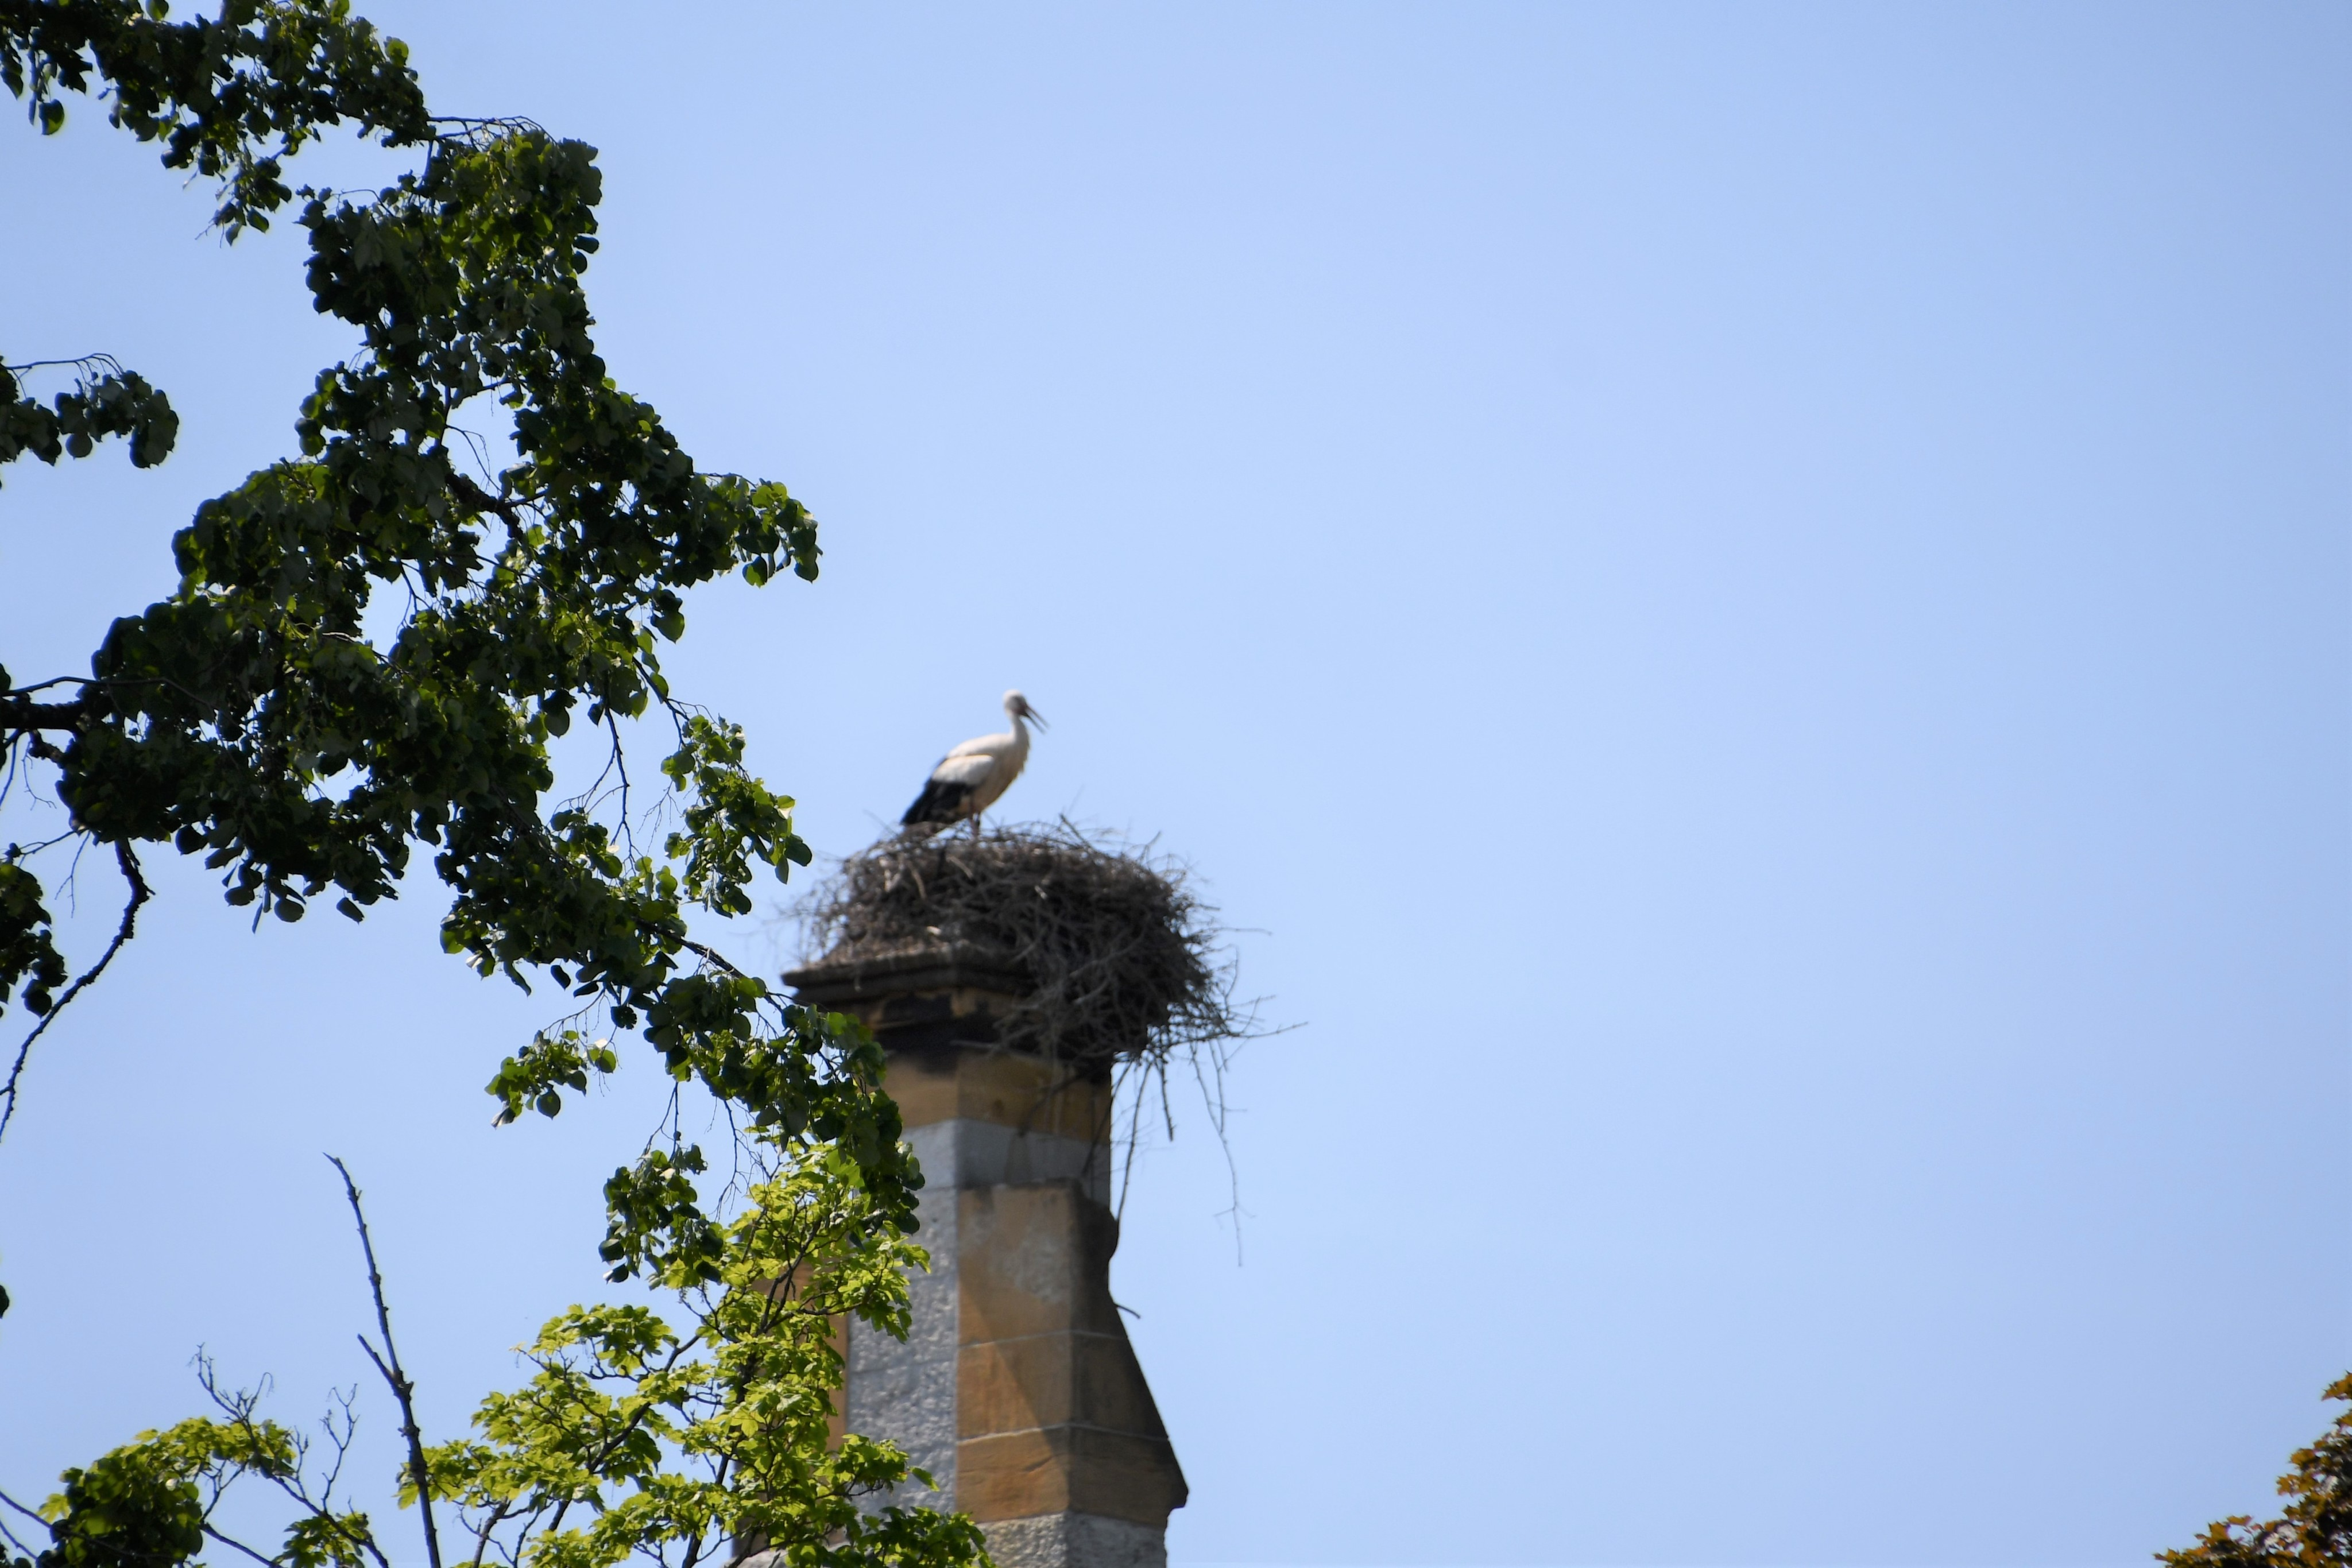 stork-04.06-2